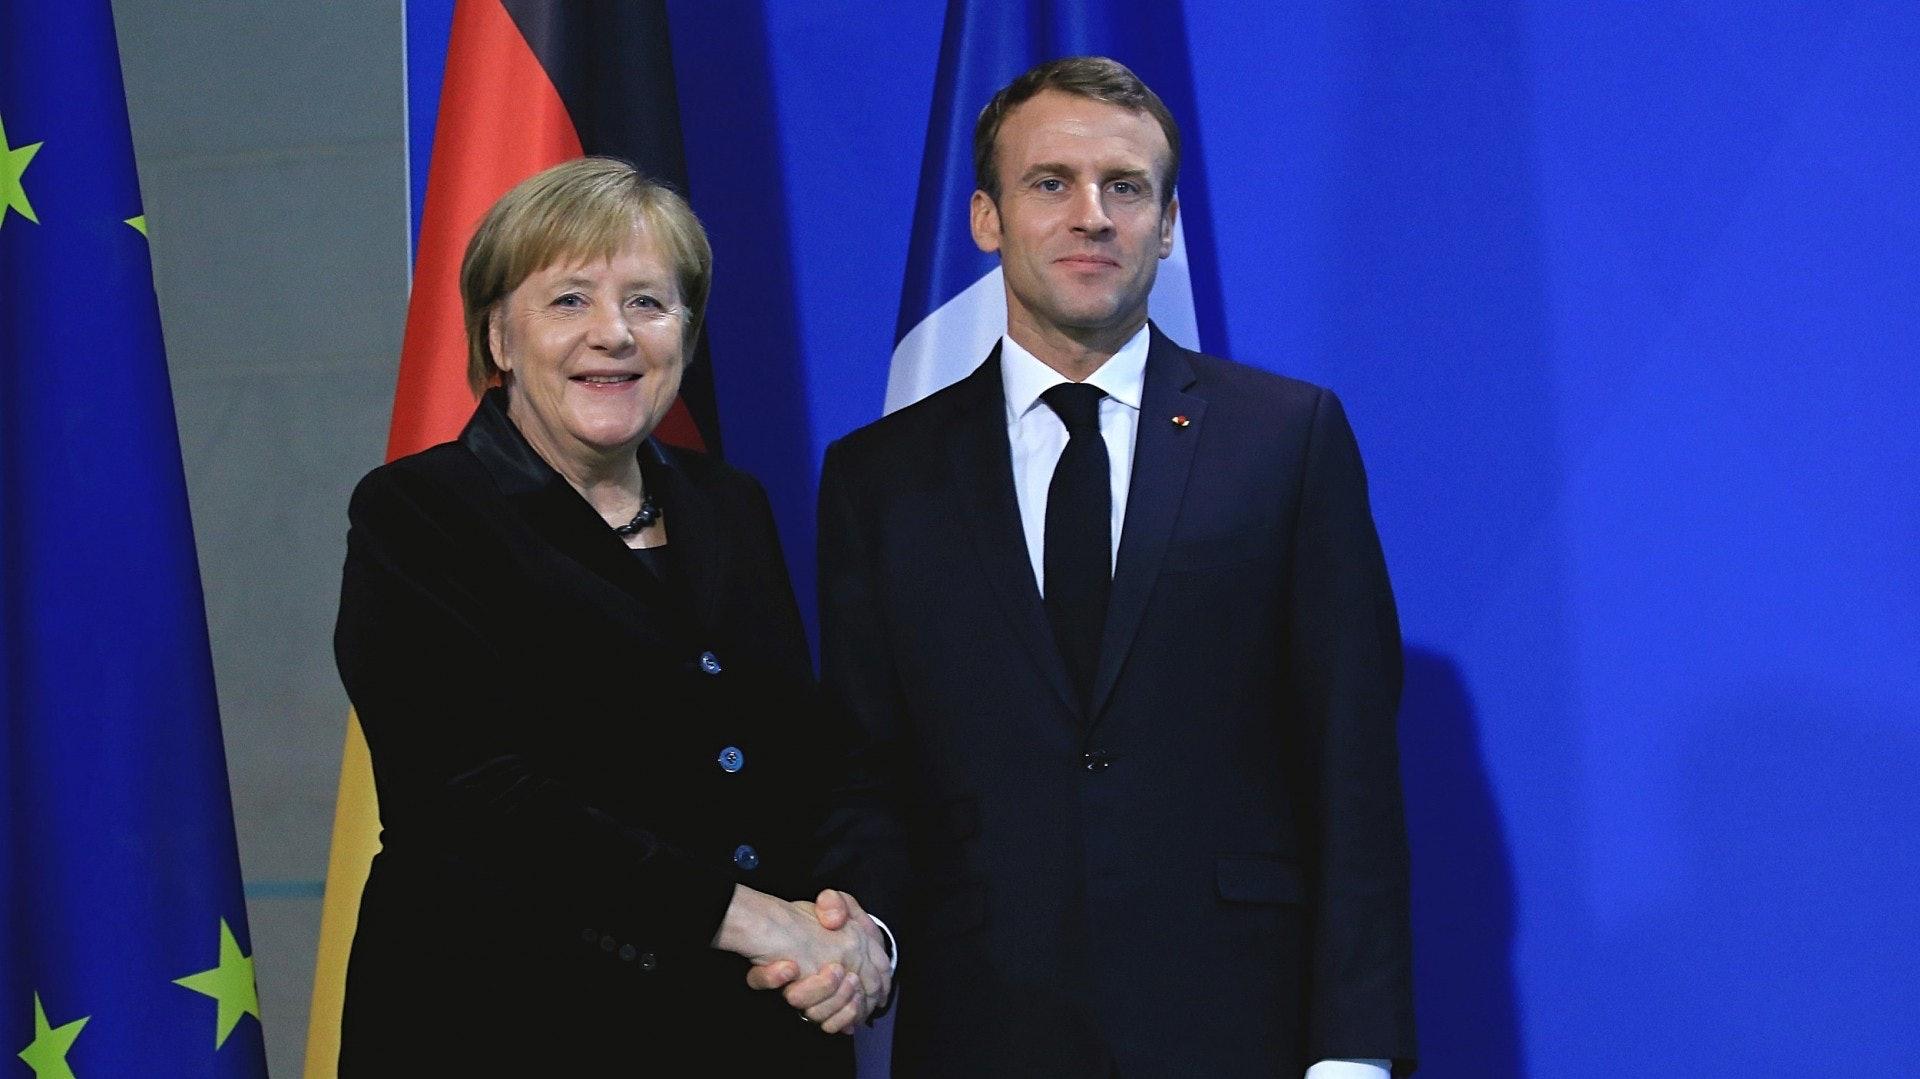 法國總統馬克龍11月18日到訪德國,與總理默克爾會面。兩人討論包括歐元區預算以及「歐洲建軍」等議題。(視覺中國)